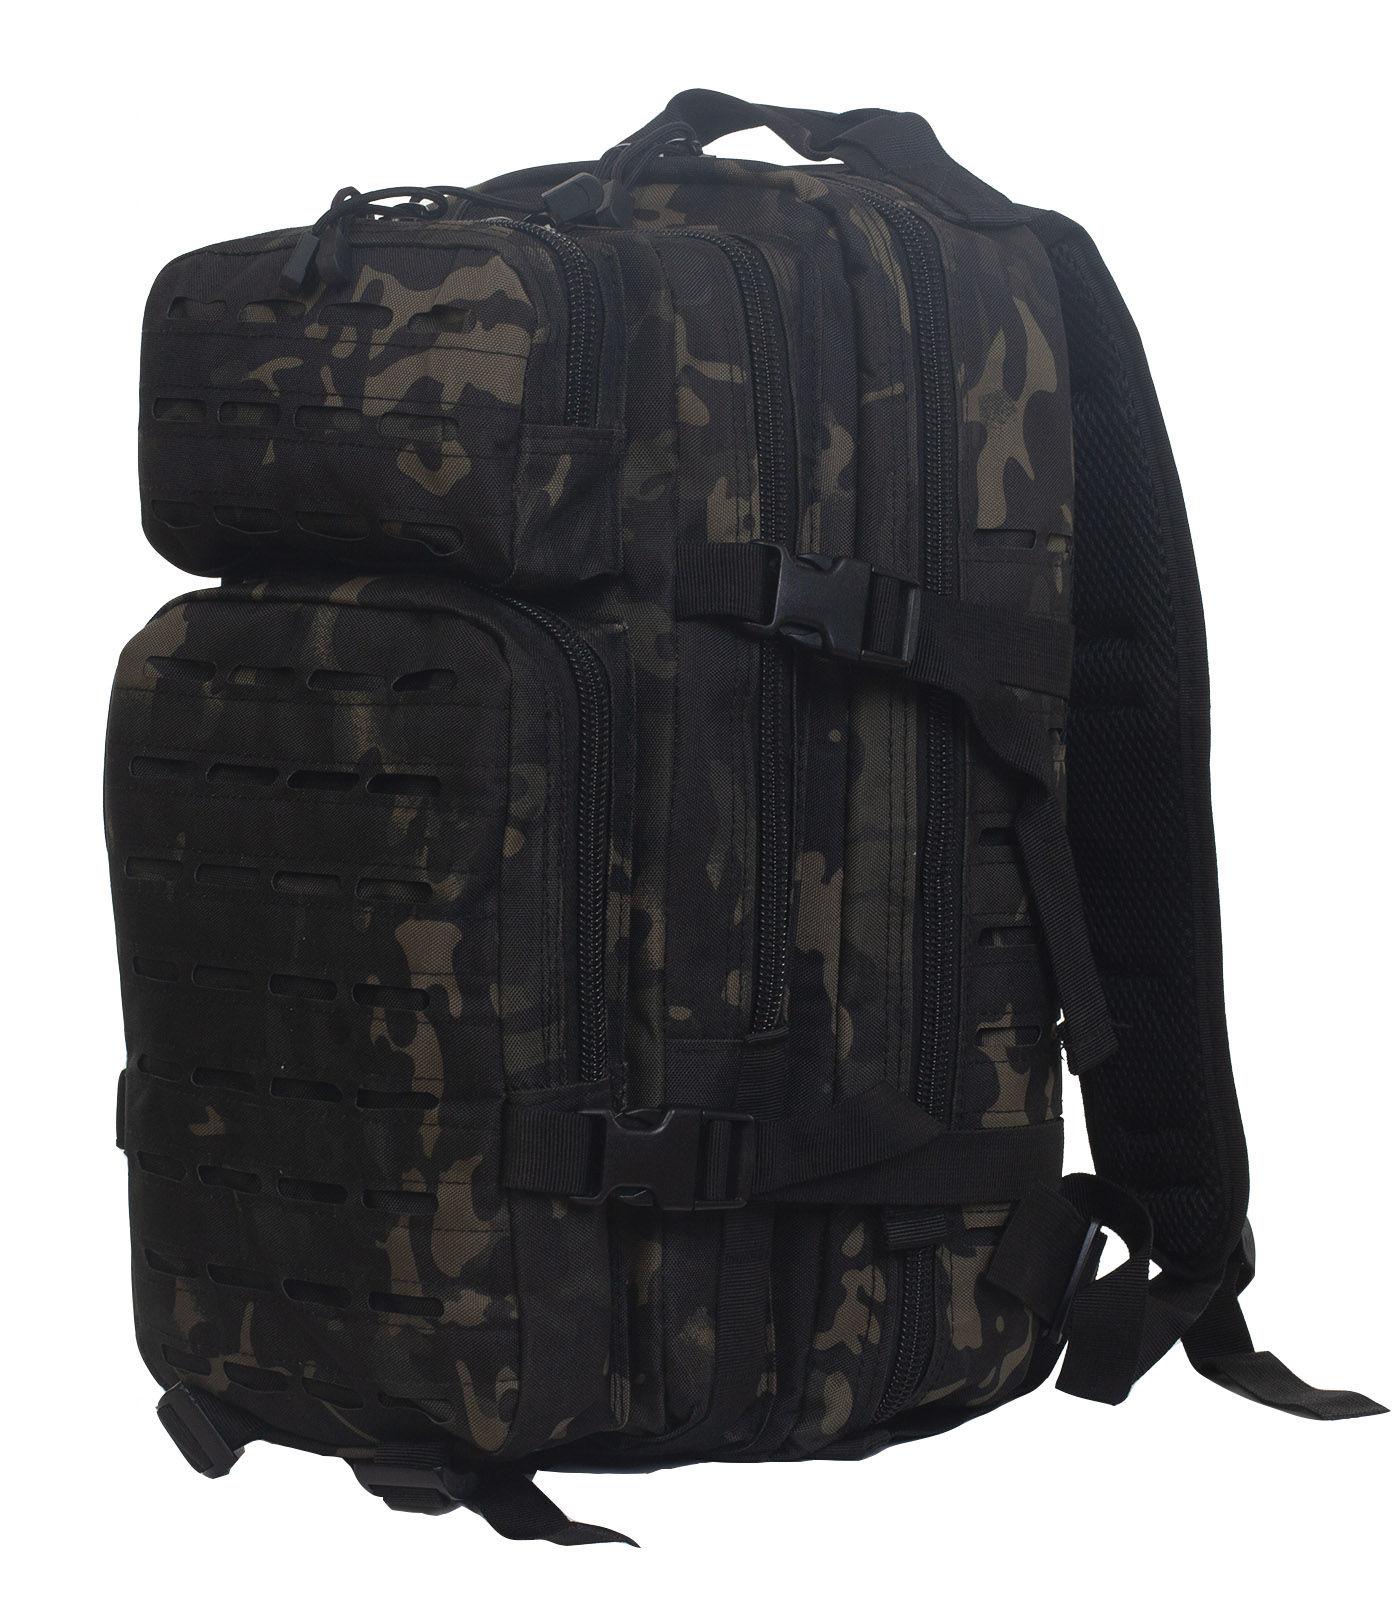 Лучший тактический рюкзак камуфляжа Black Multicam